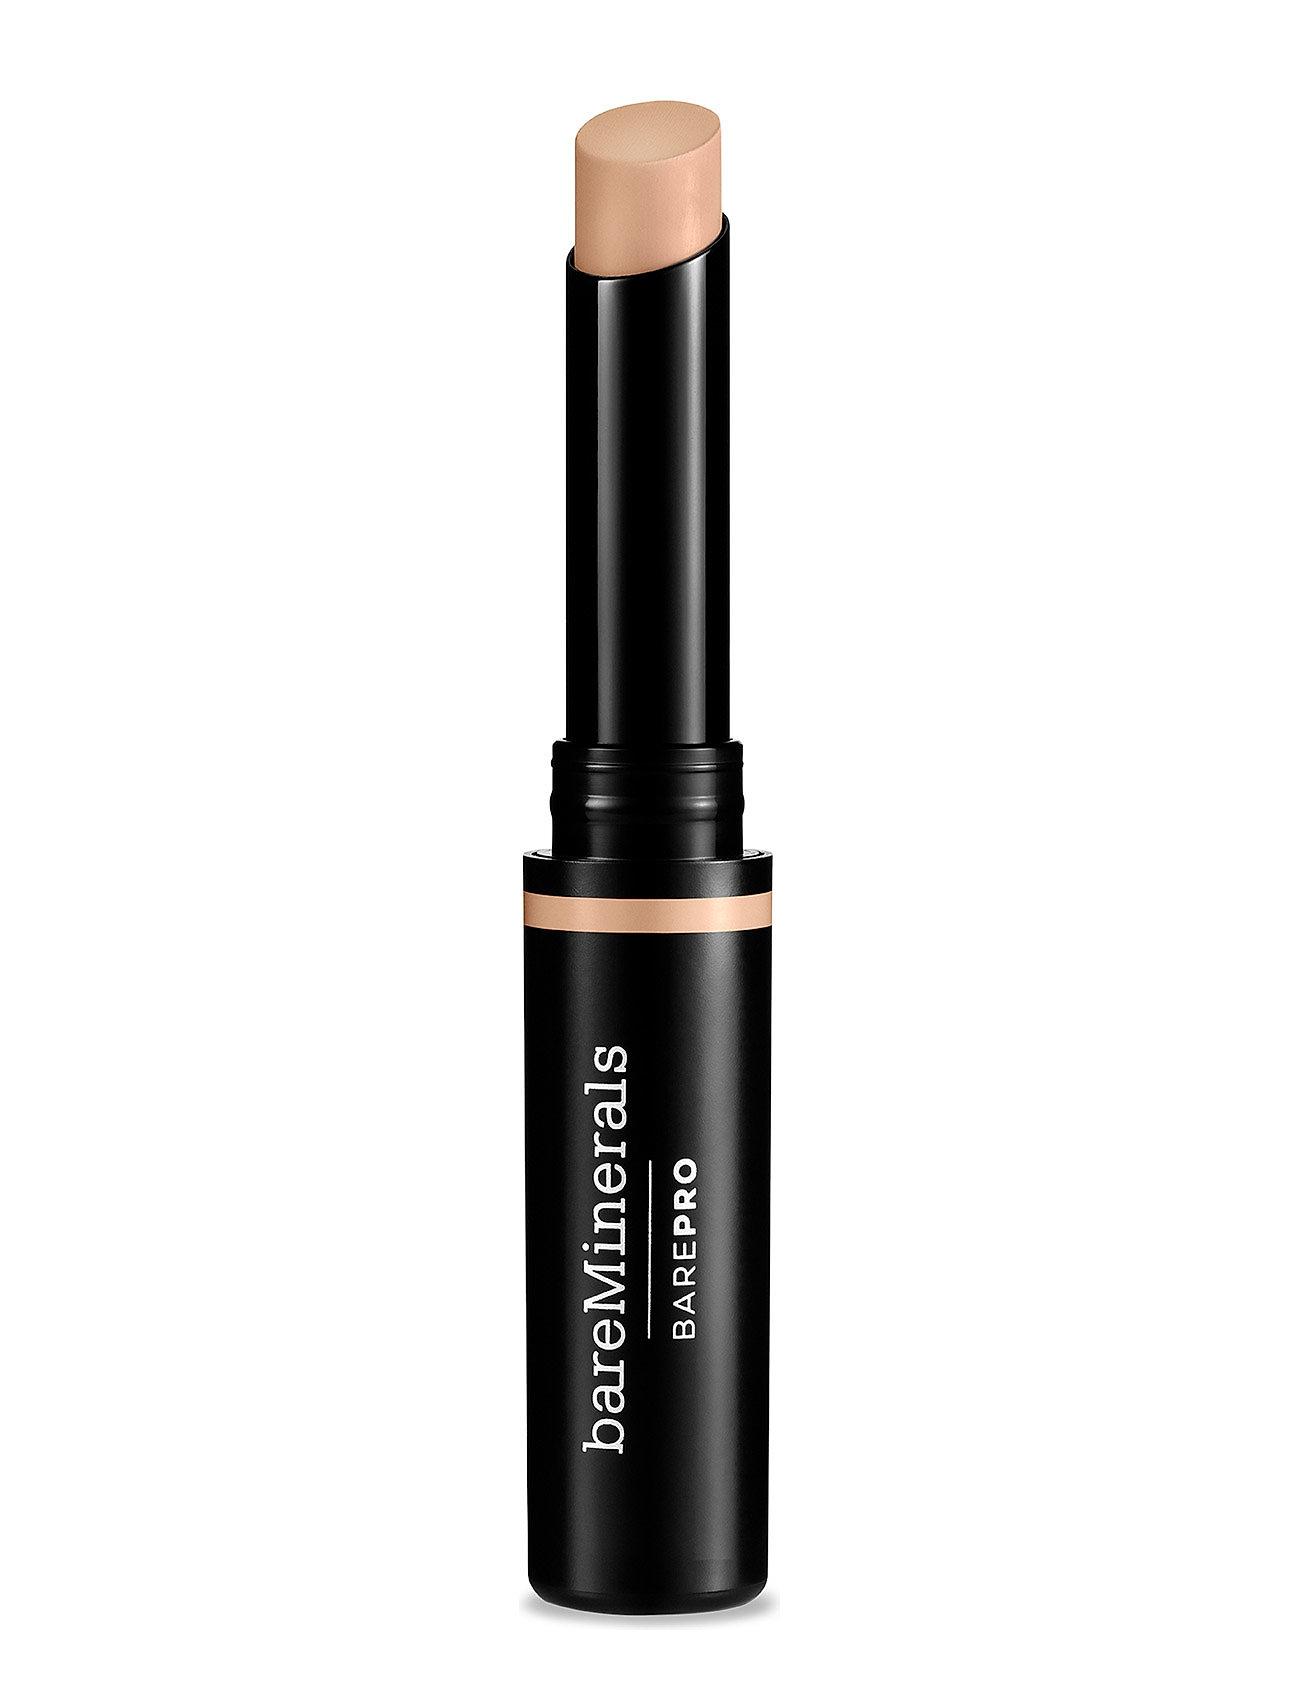 Image of Barepro 16-Hour Full Coverage Concealer Concealer Makeup BareMinerals (3400843577)